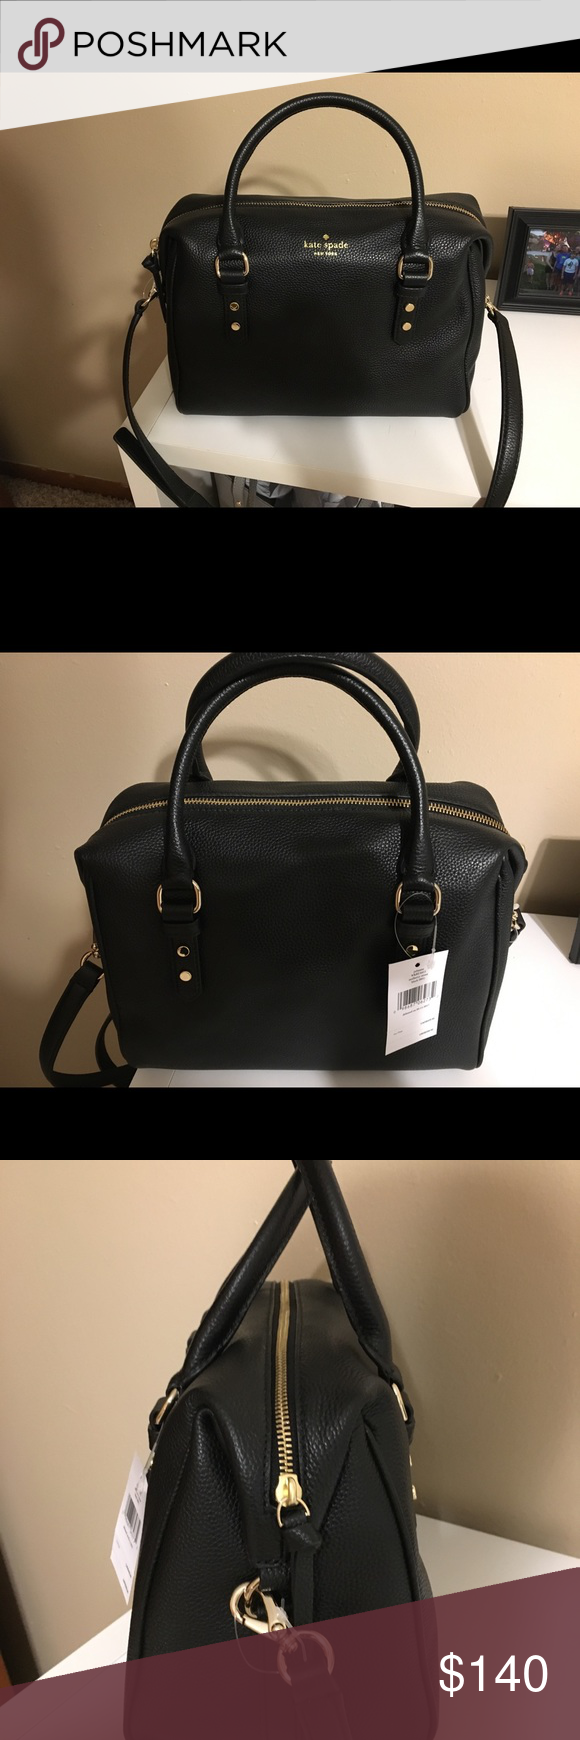 spain mulberry bag tag packages 36d8d 4c7fb 9cef2c1a8a